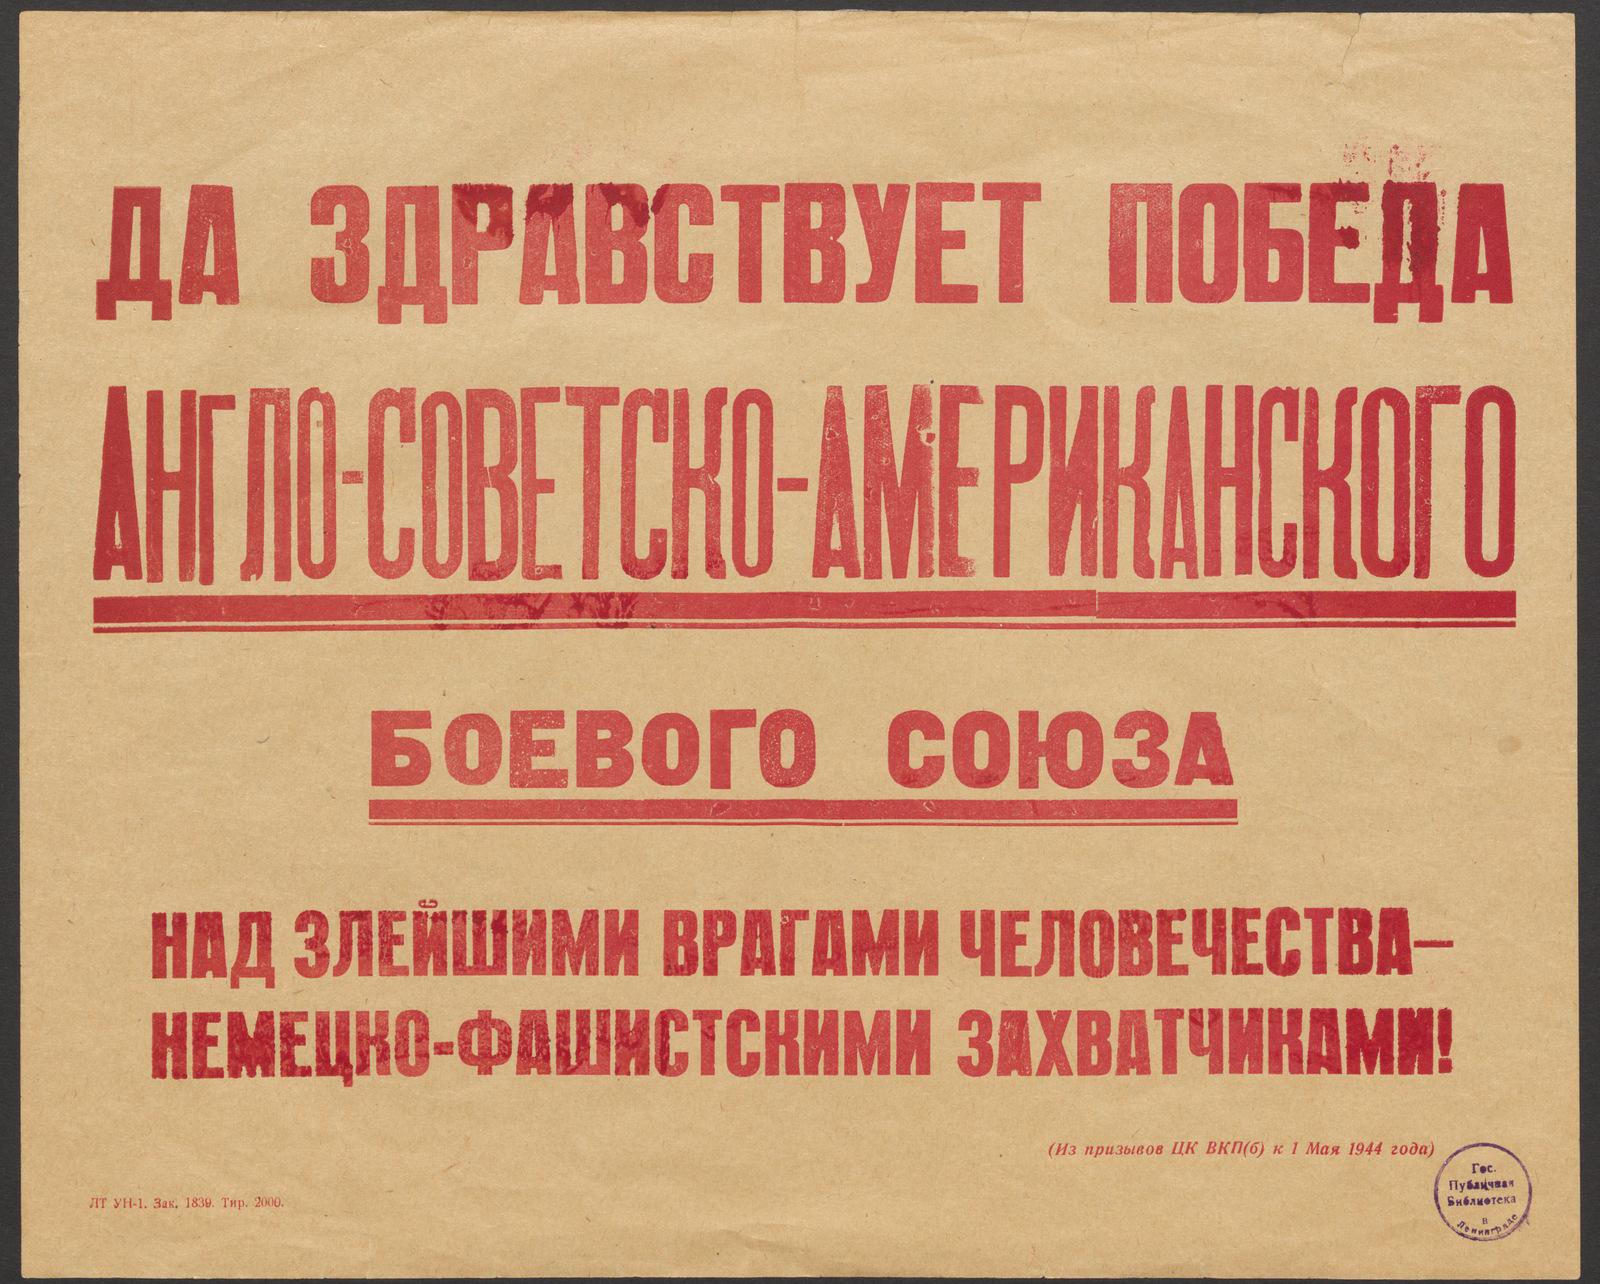 Да здравствует победа англо-советско-американского боевого союза над злейшими врагами человечества - немецко-фашистскими захватчиками!